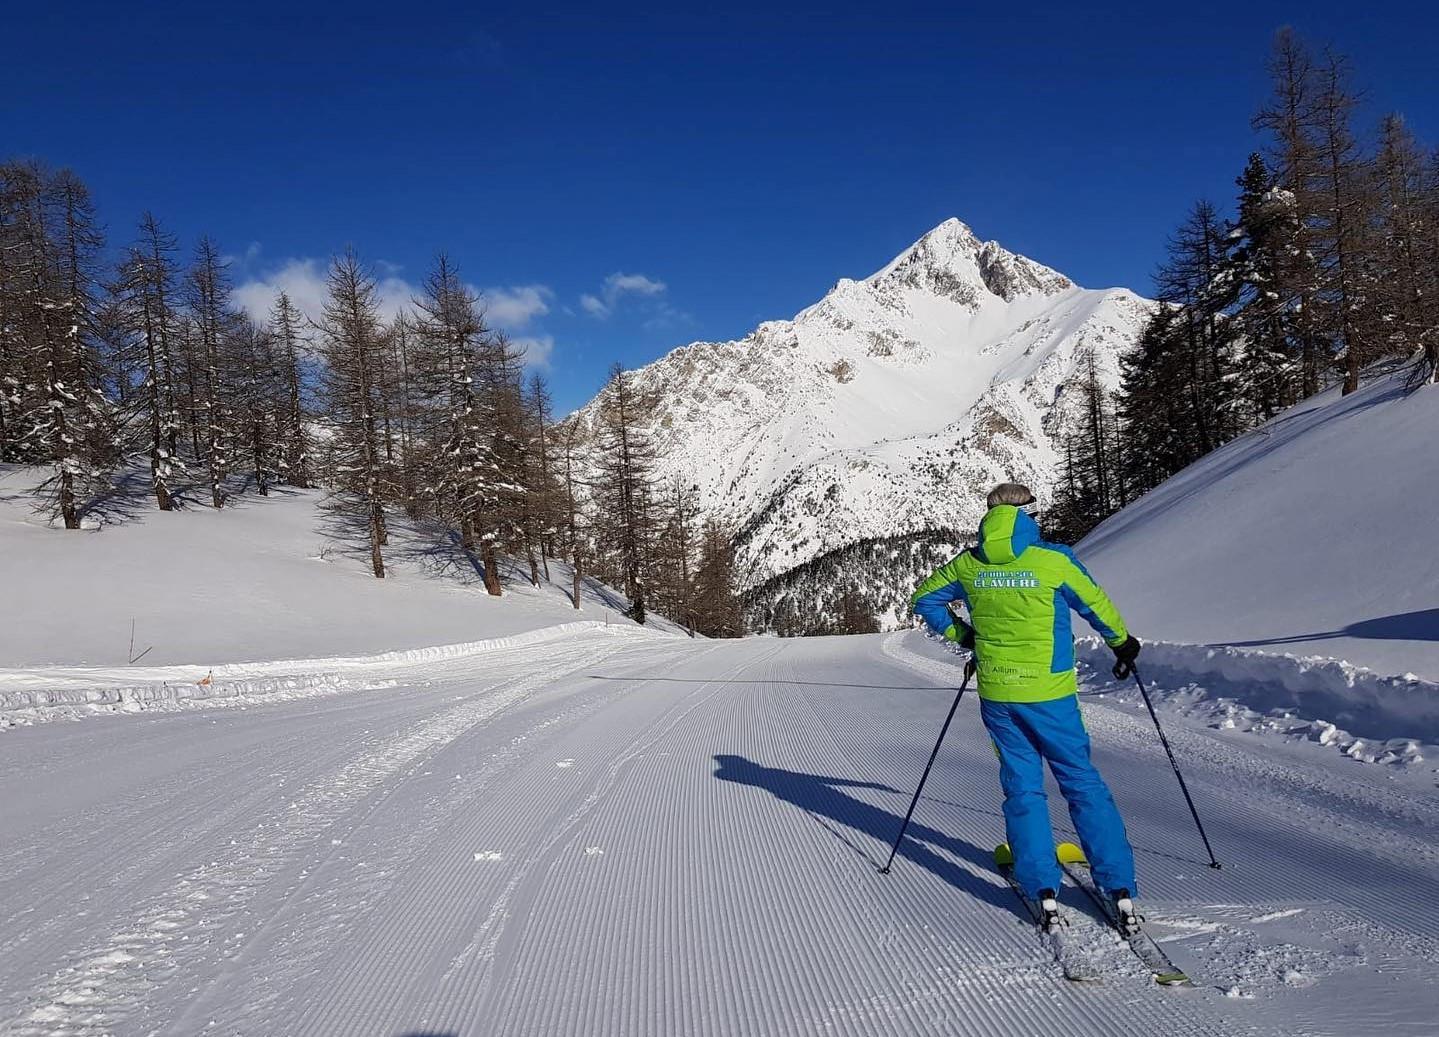 Lezione privata di sci per tutti i livelli a Claviere in Val di Susa